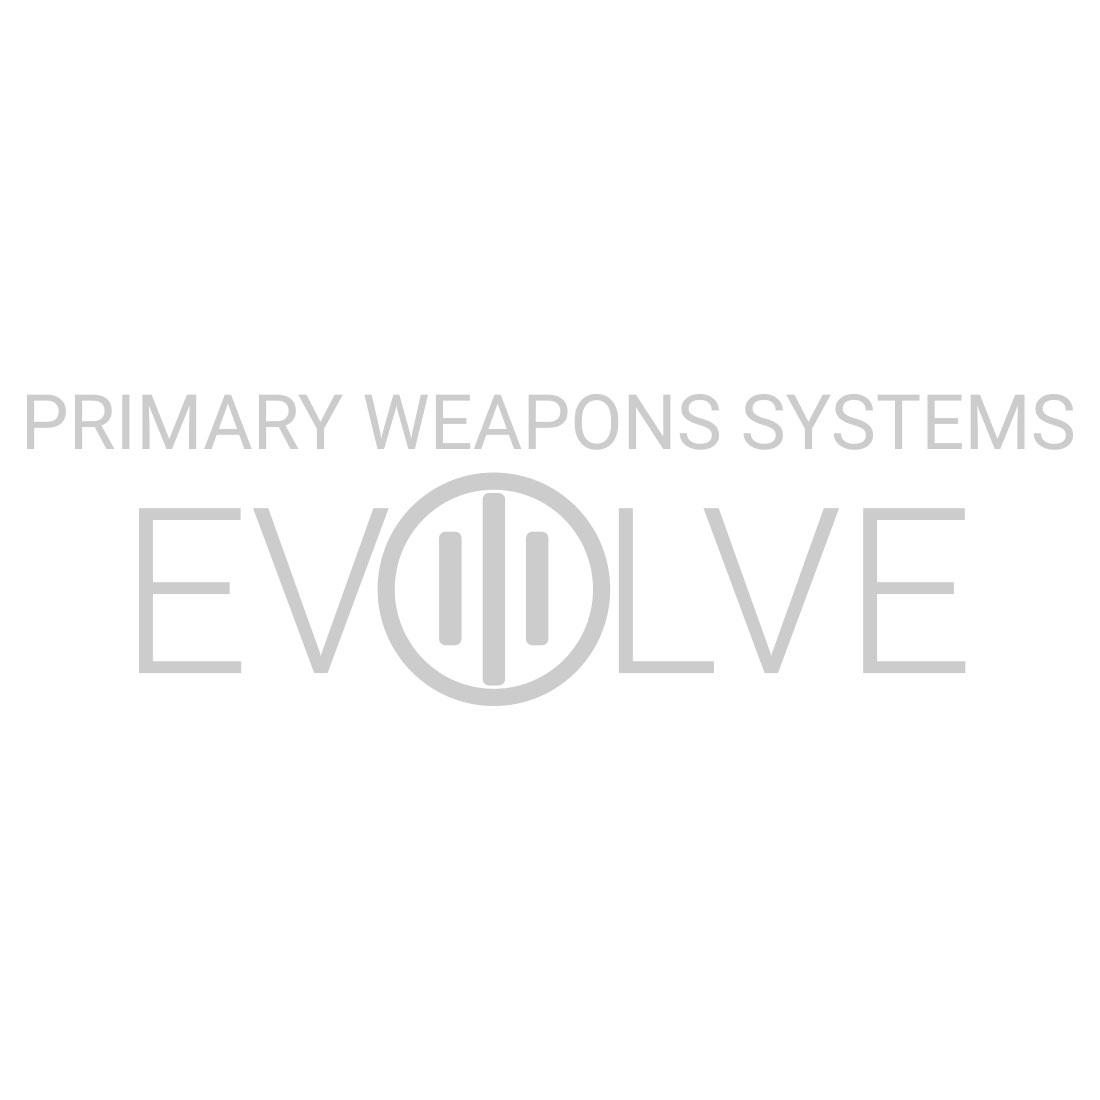 MK107 MOD 2-M Rifle .223 Wylde